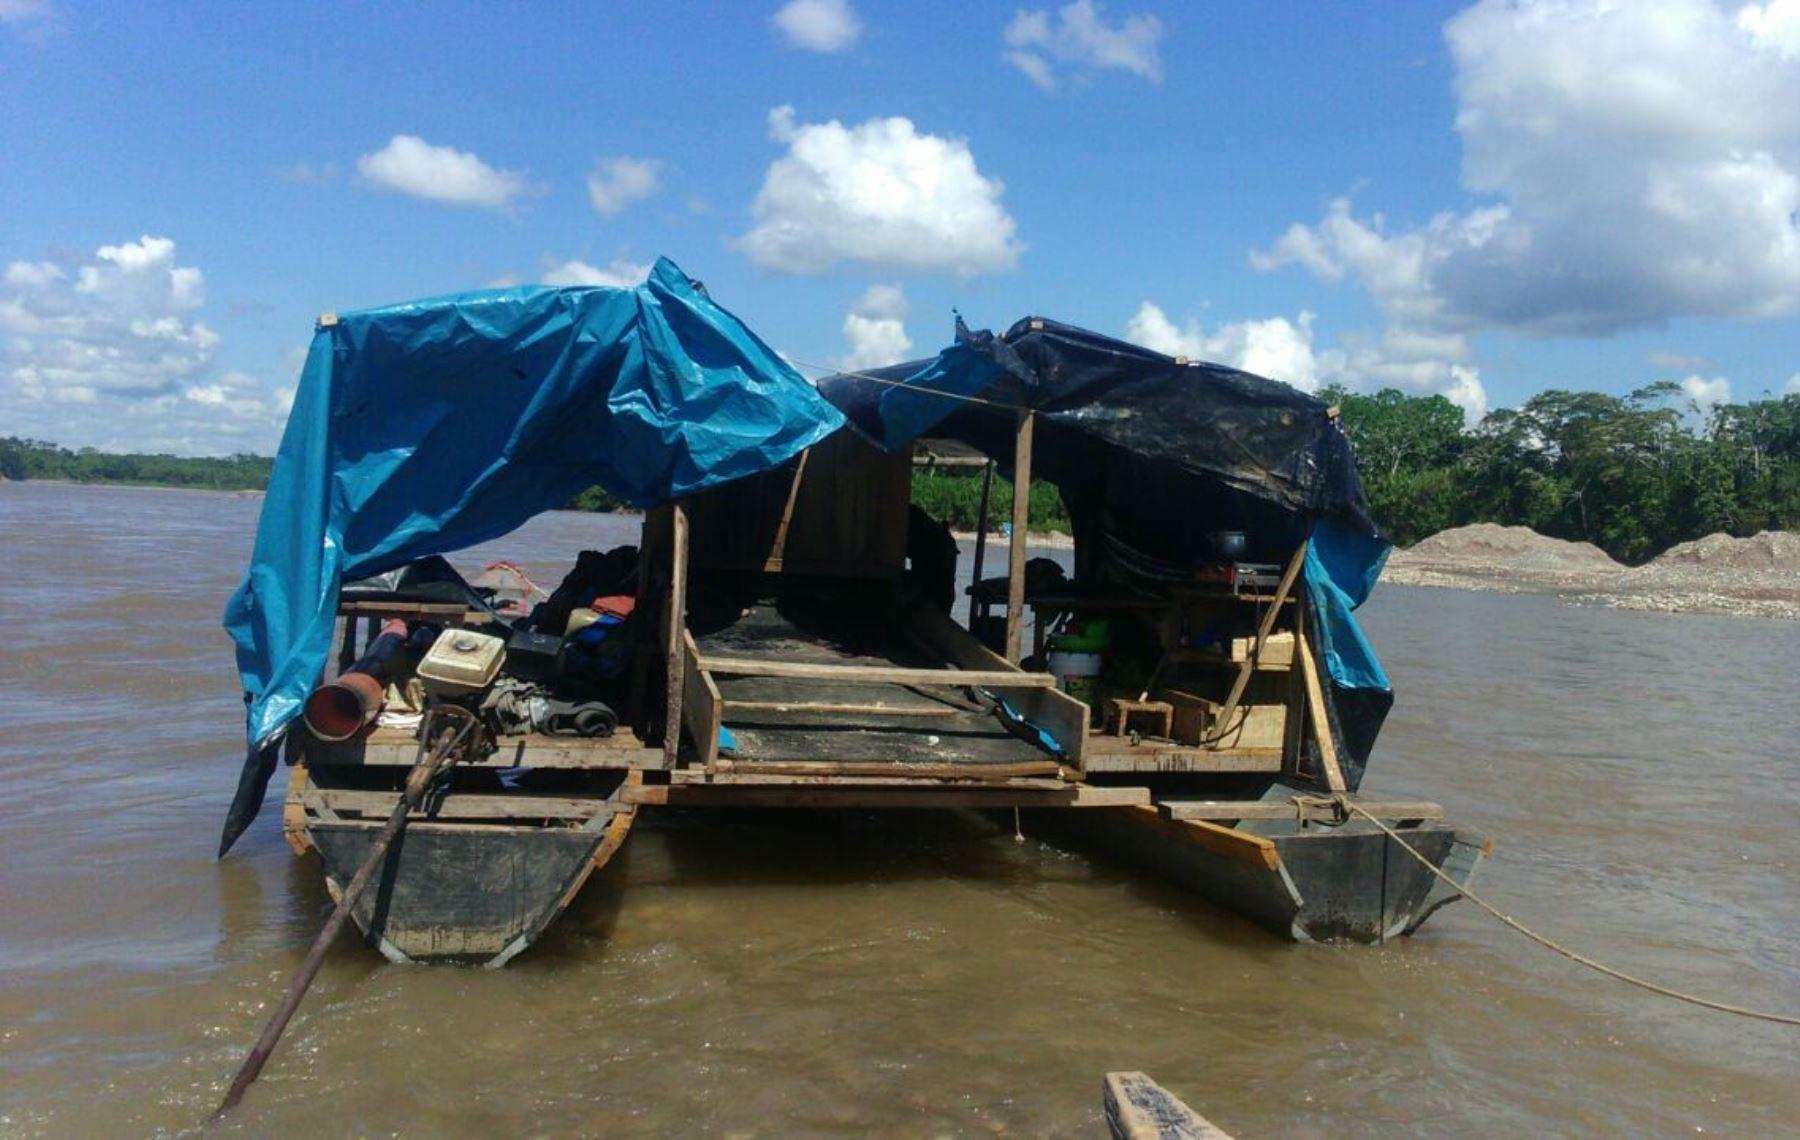 Poder Judicial dicta prisión preventiva contra mineros ilegales que operaban en ríos de Ucayali y Huánuco.